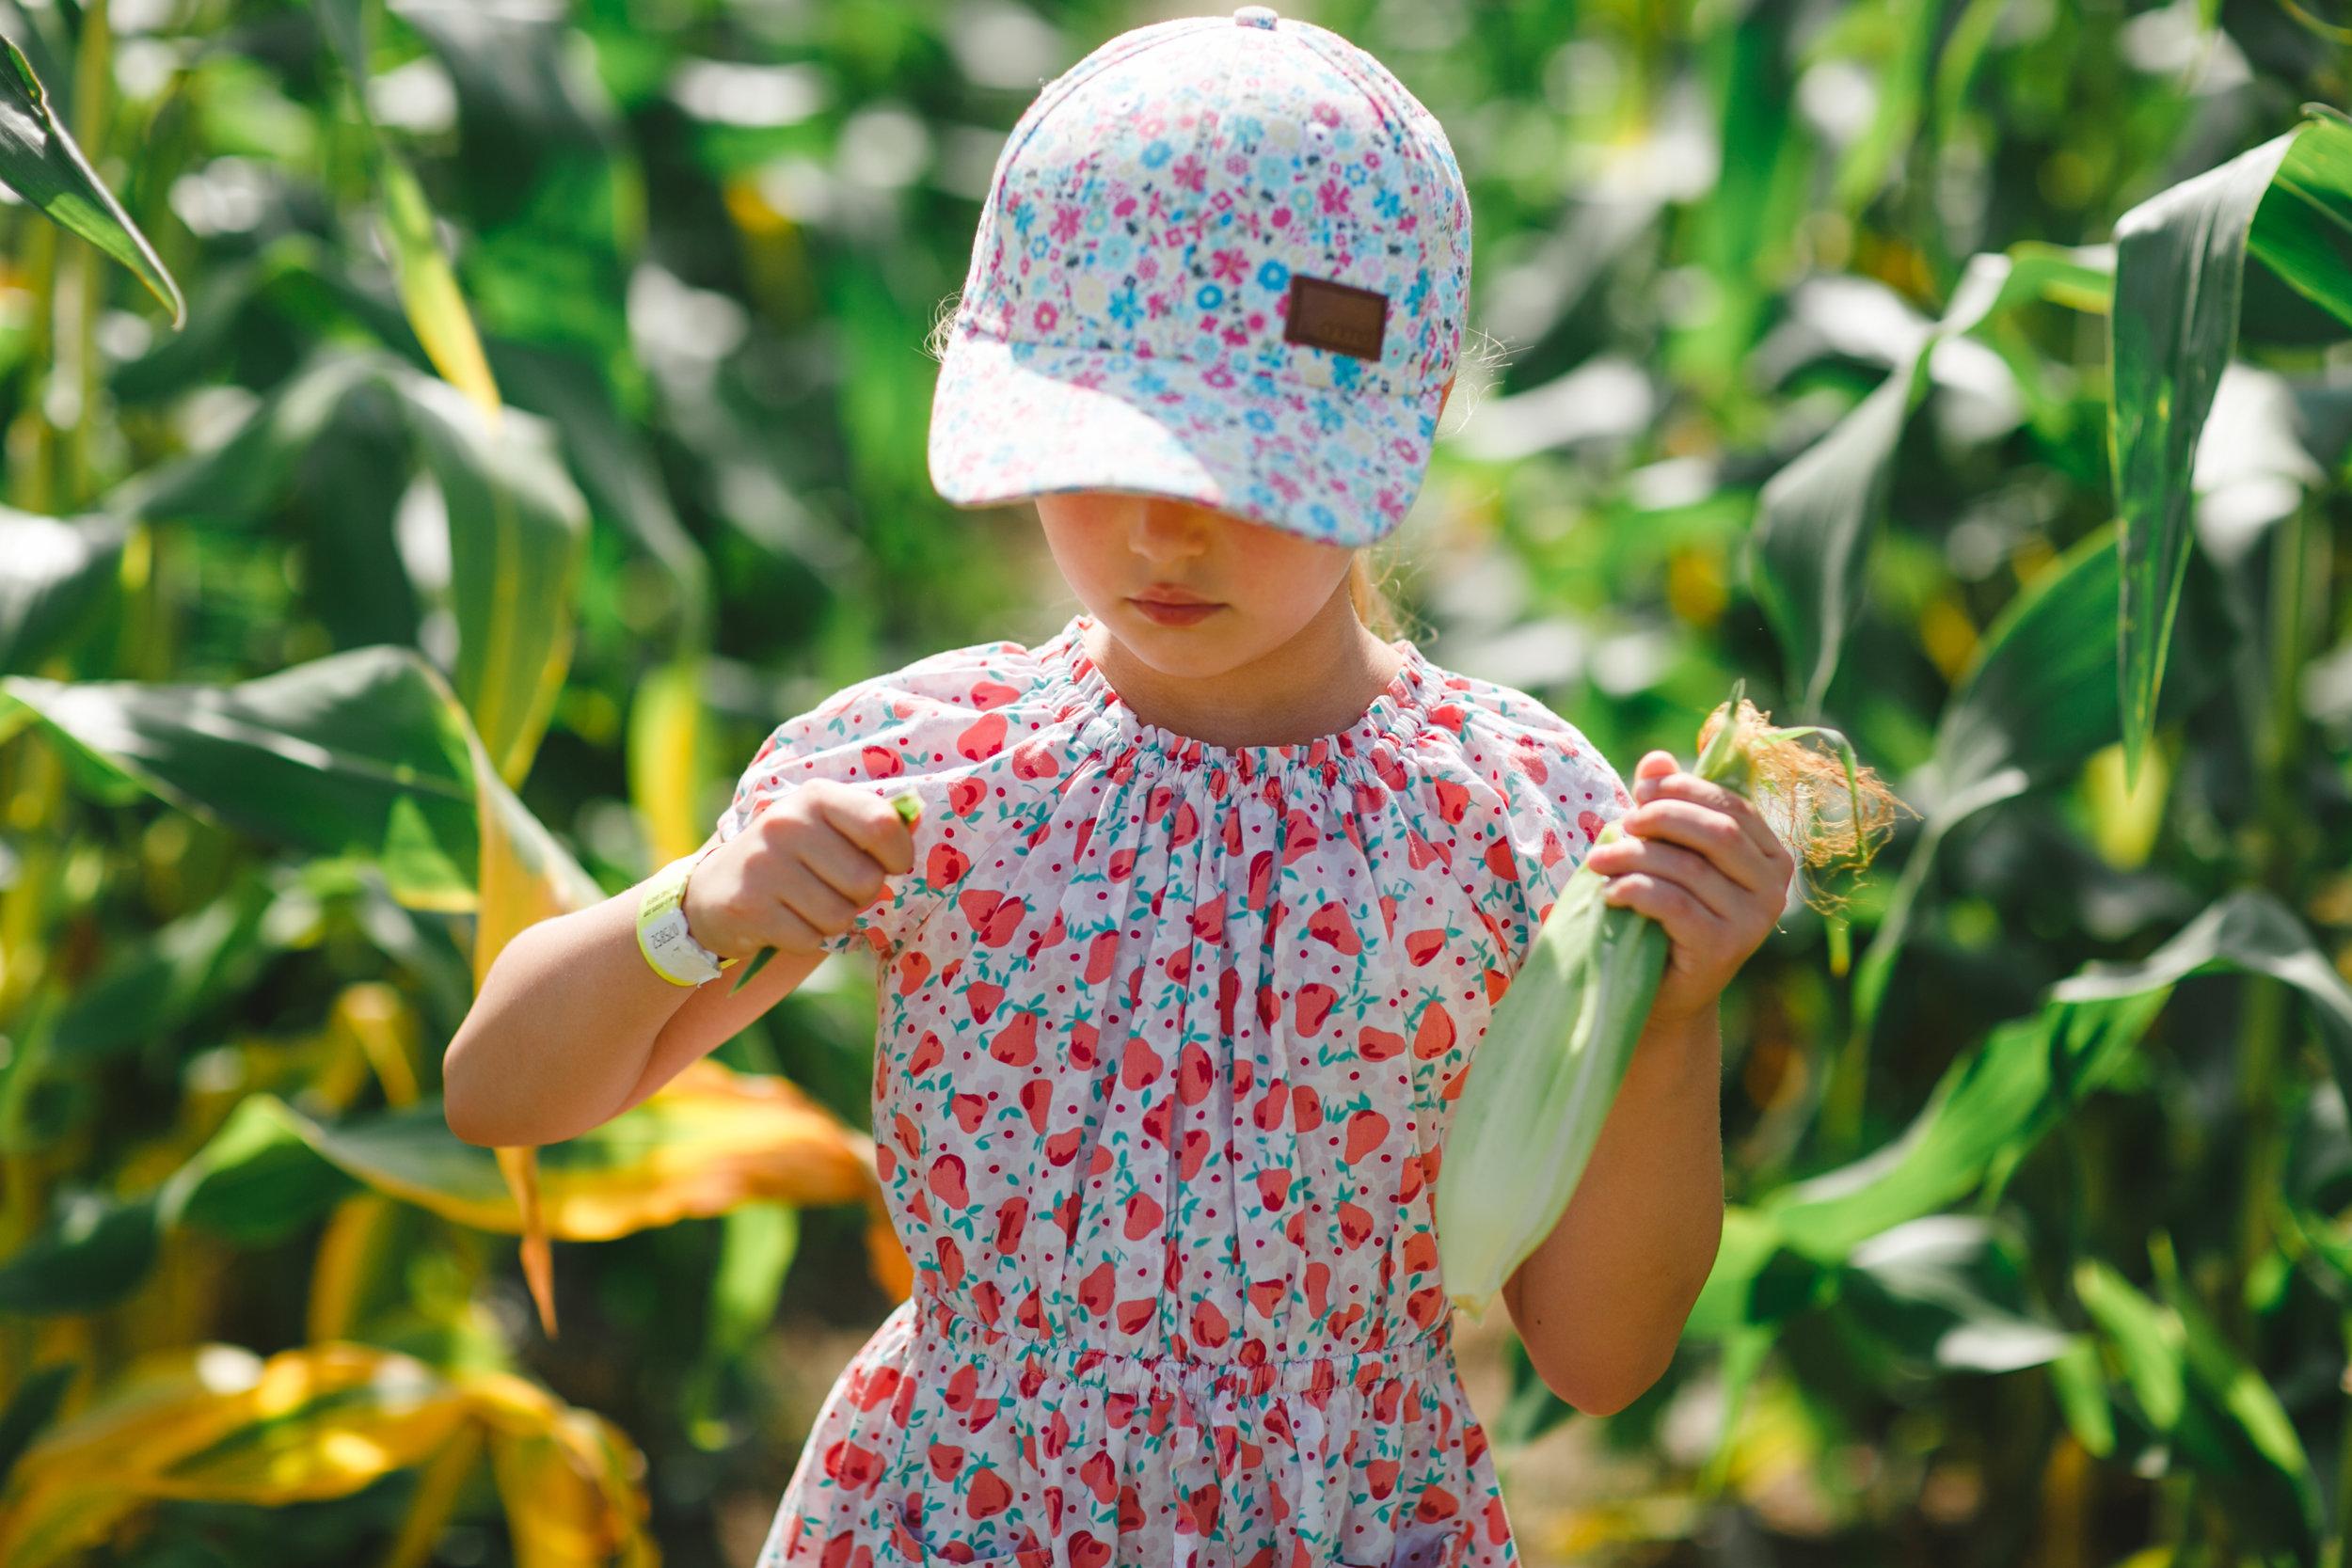 Picking Sweetcorn